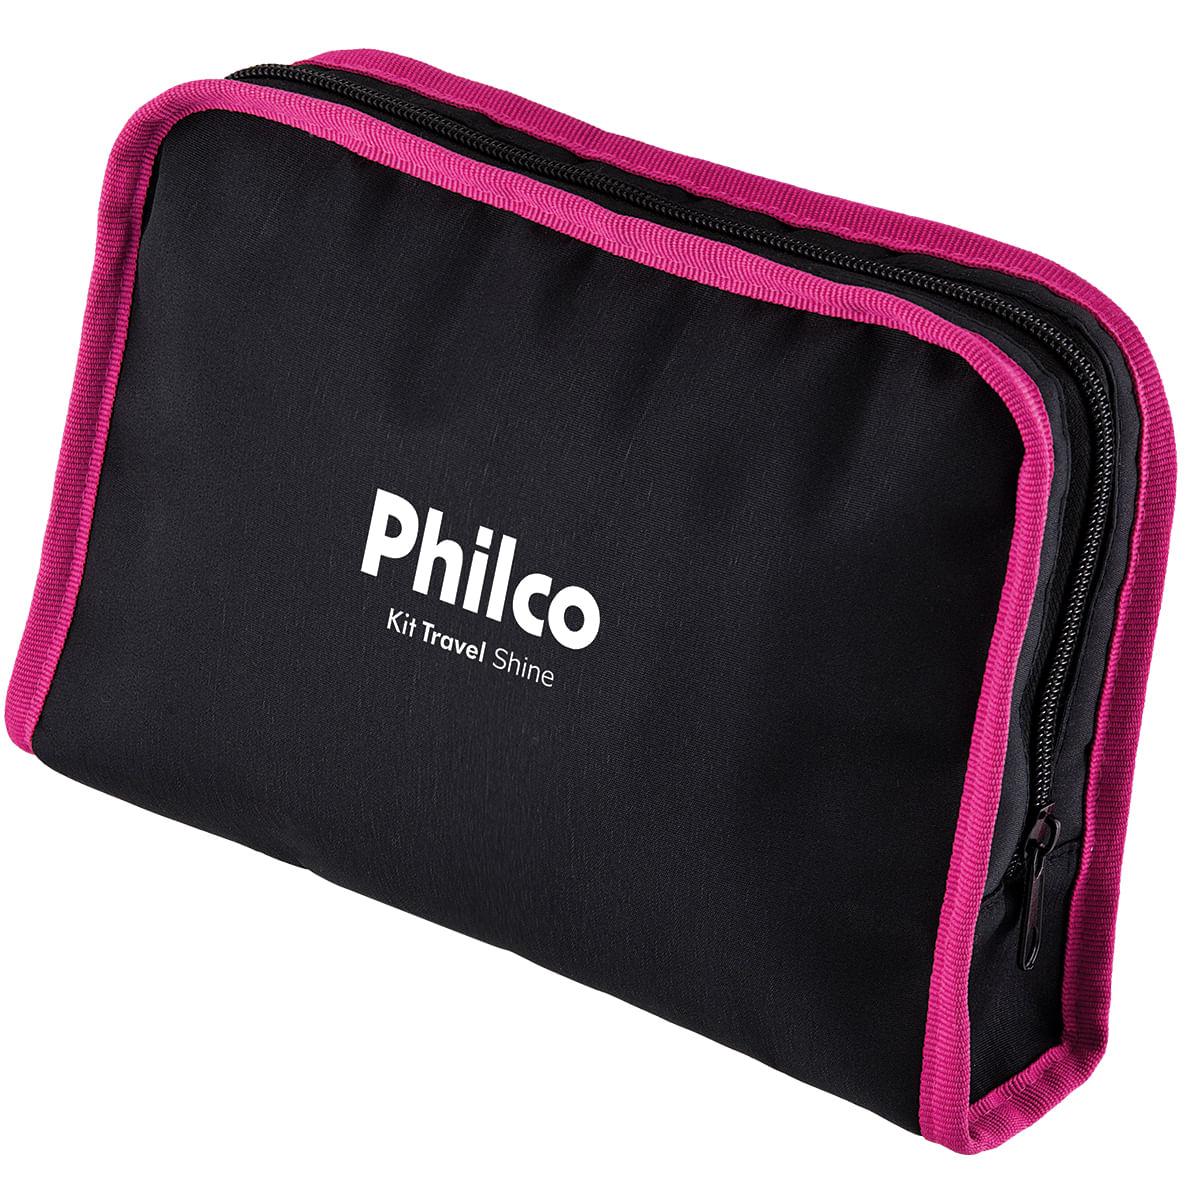 Kit Travel Shine - Secador e Prancha para Cabelos - Bivolt - Philco